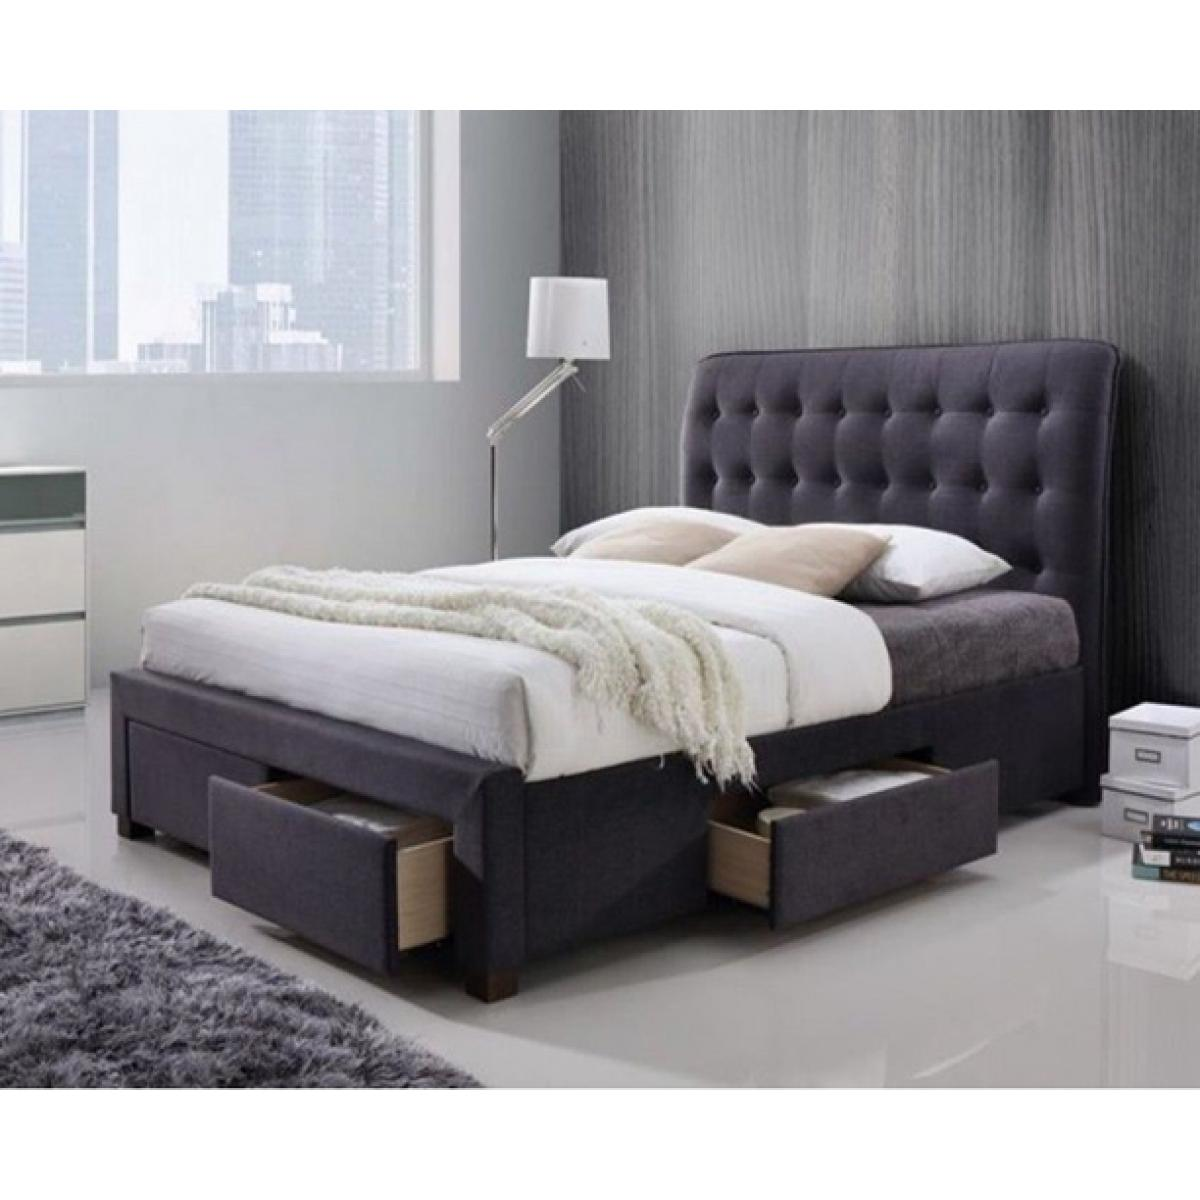 Zara Dark Grey Fabric 4 Drawer Modern Storage Bed Frame